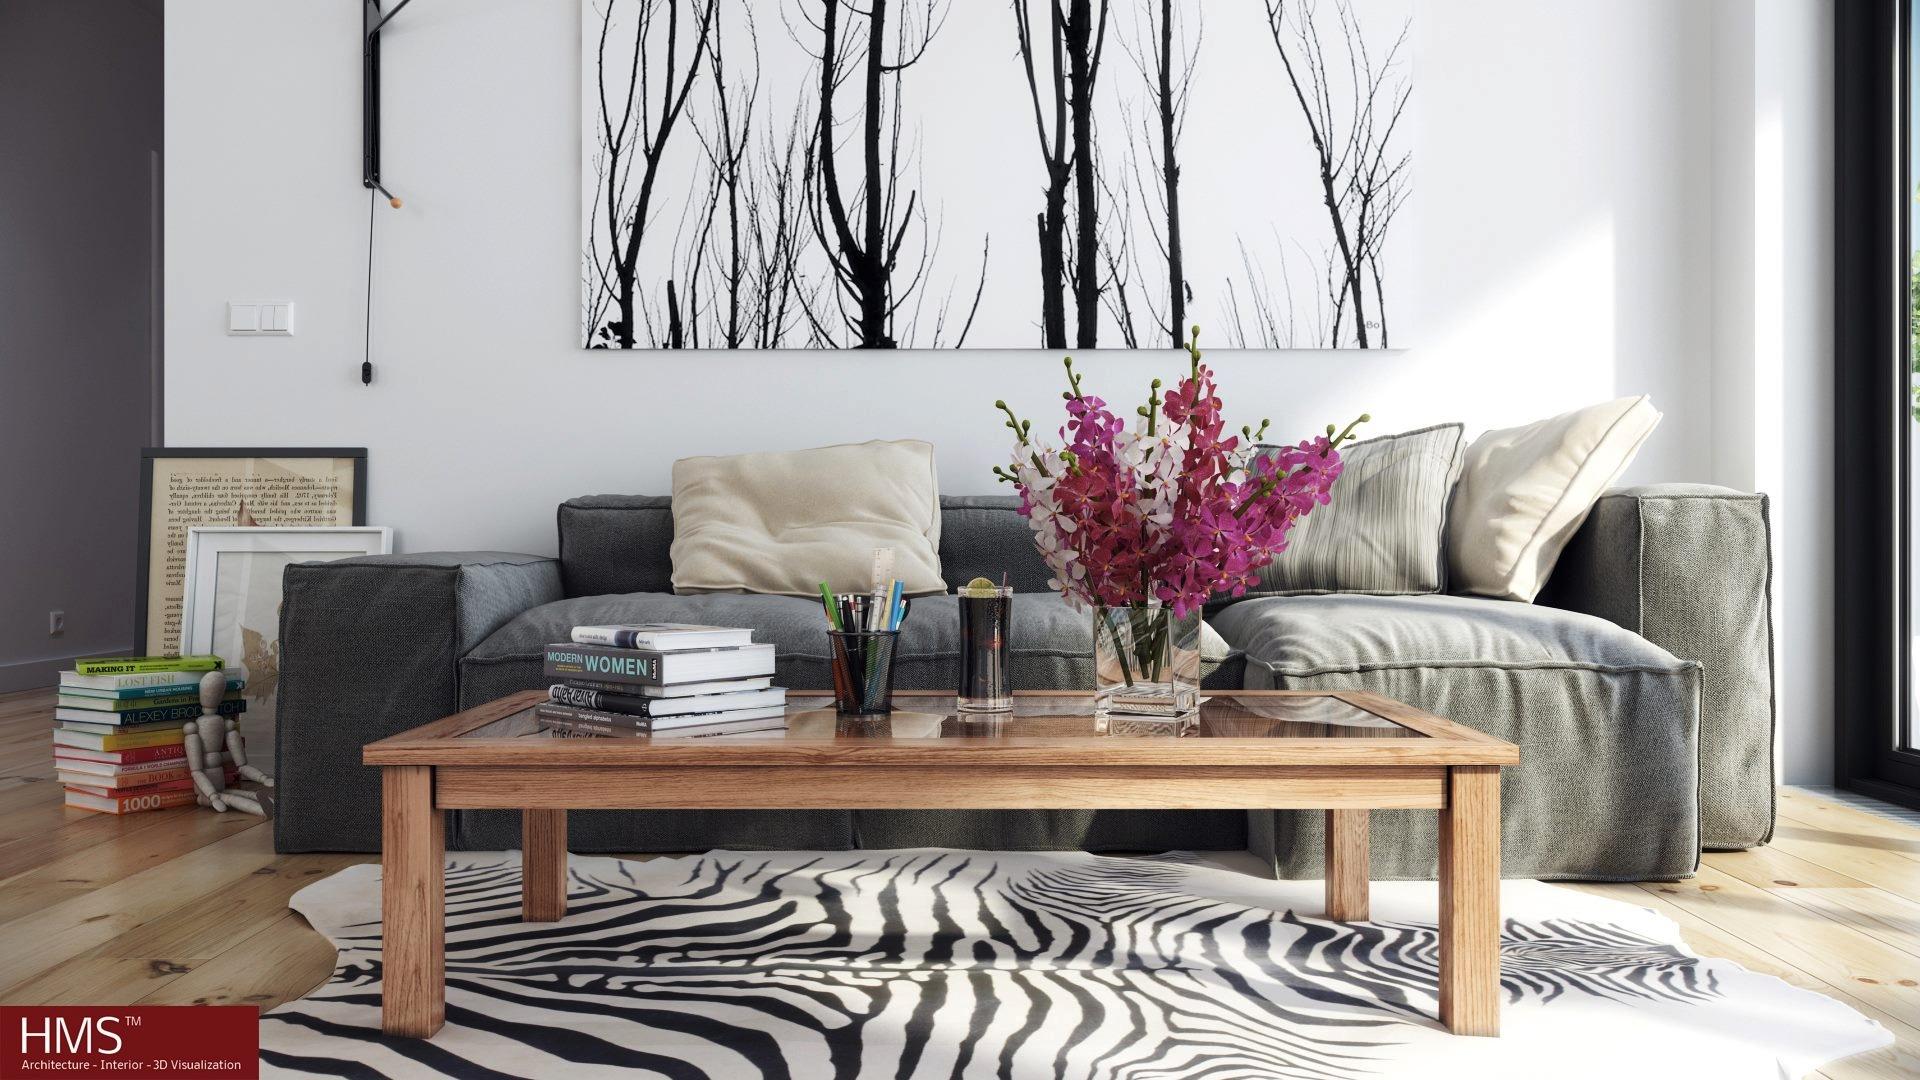 Nordic interior design - Interior design and decoration ...